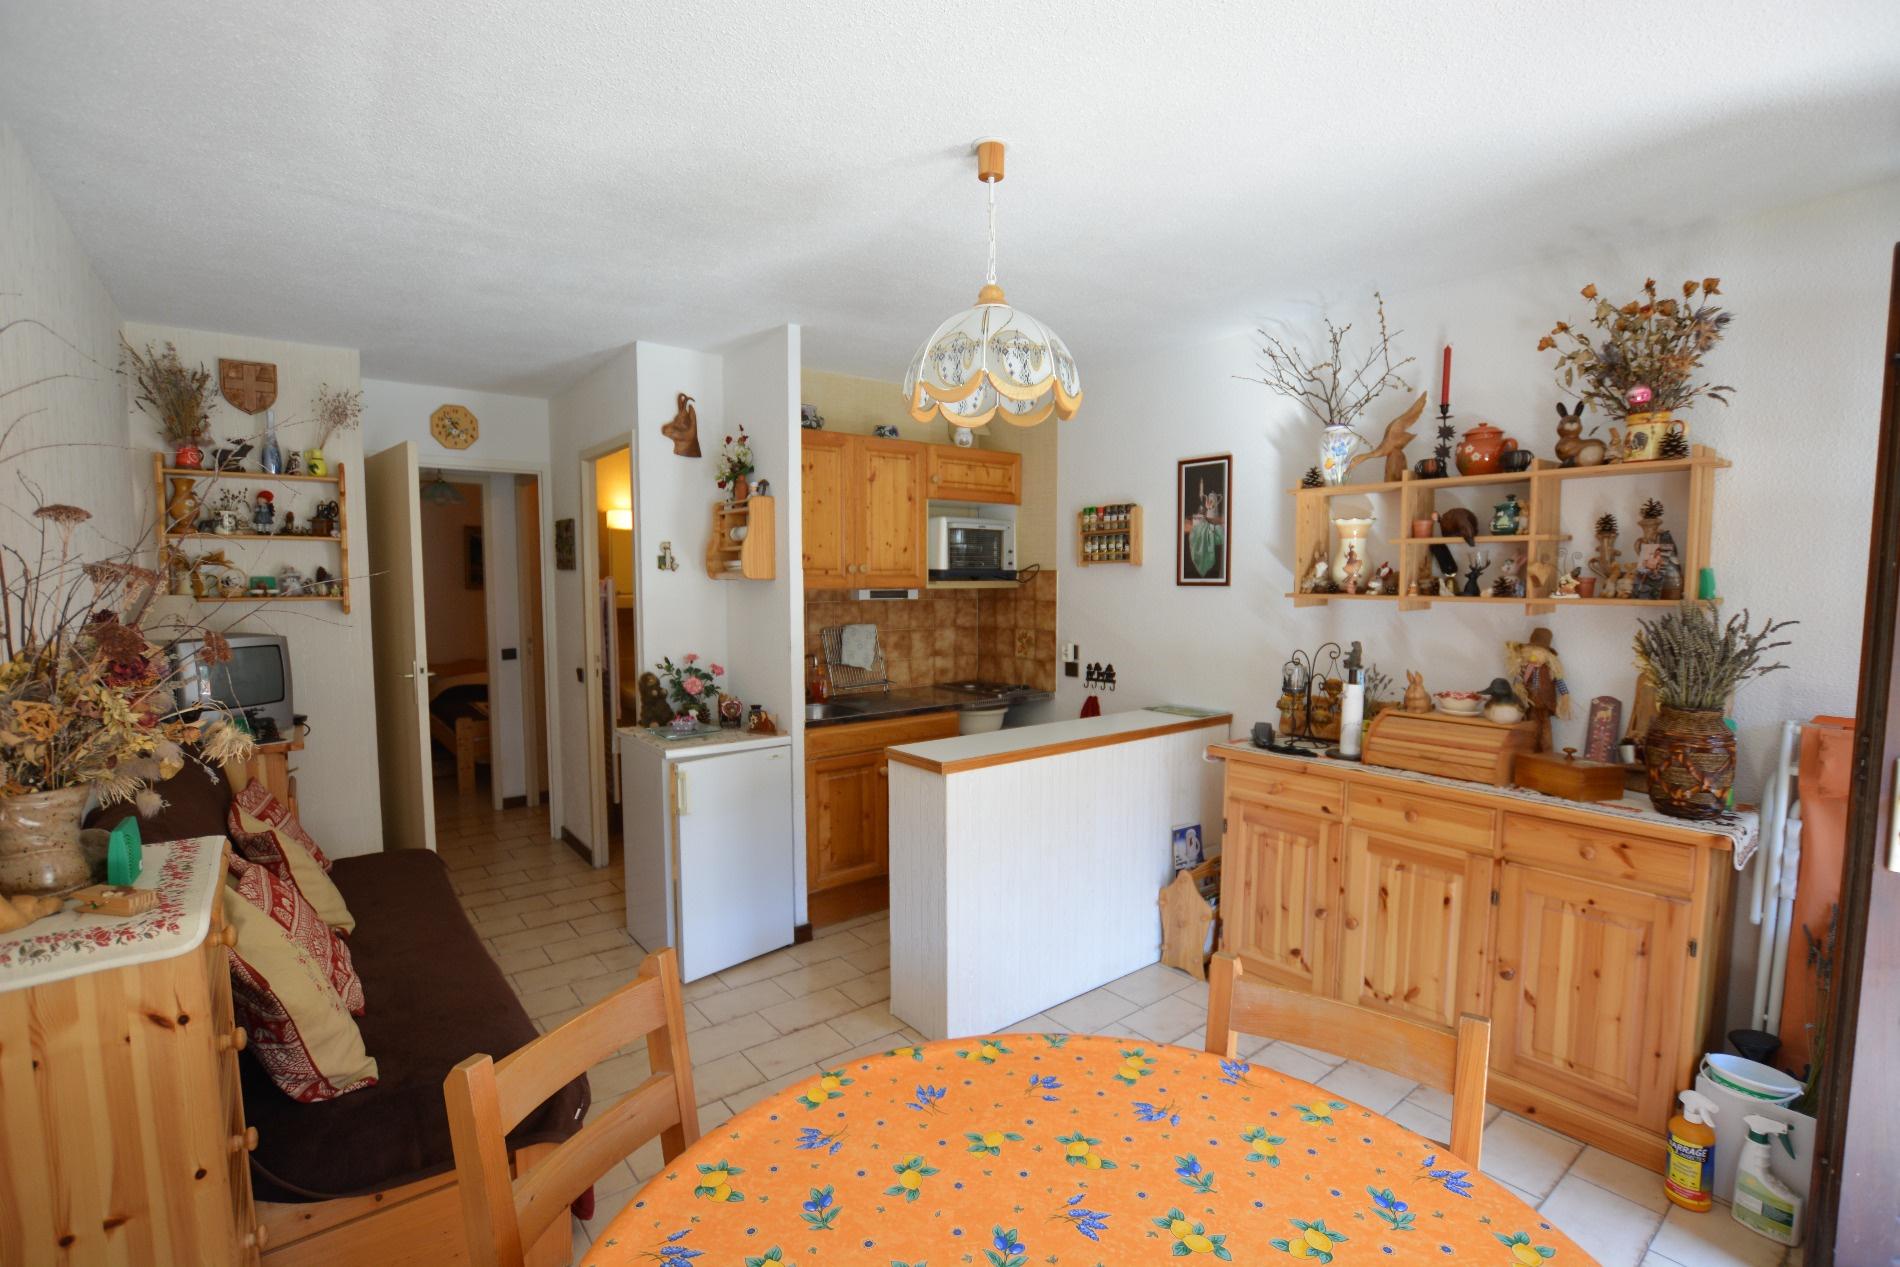 vente a vendre appartement vue lac bozel. Black Bedroom Furniture Sets. Home Design Ideas